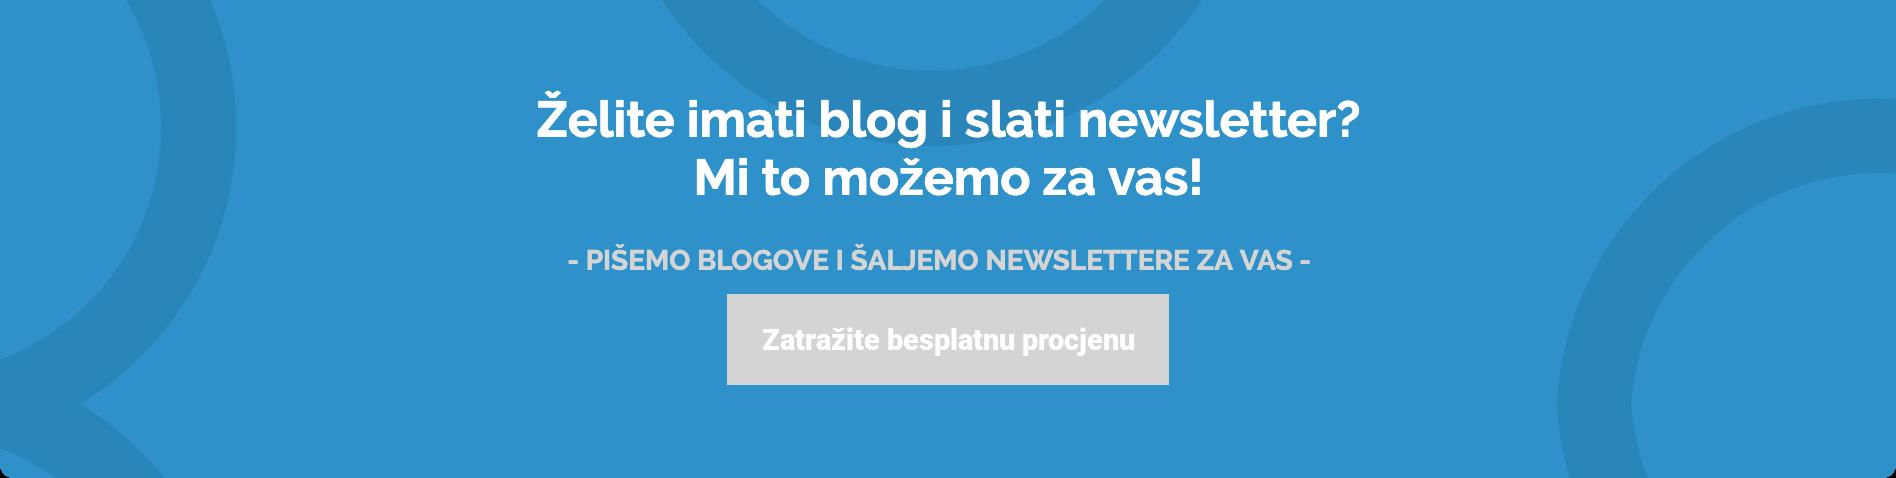 Arbona content ponuda za pisanje blogova i slanje newslettera